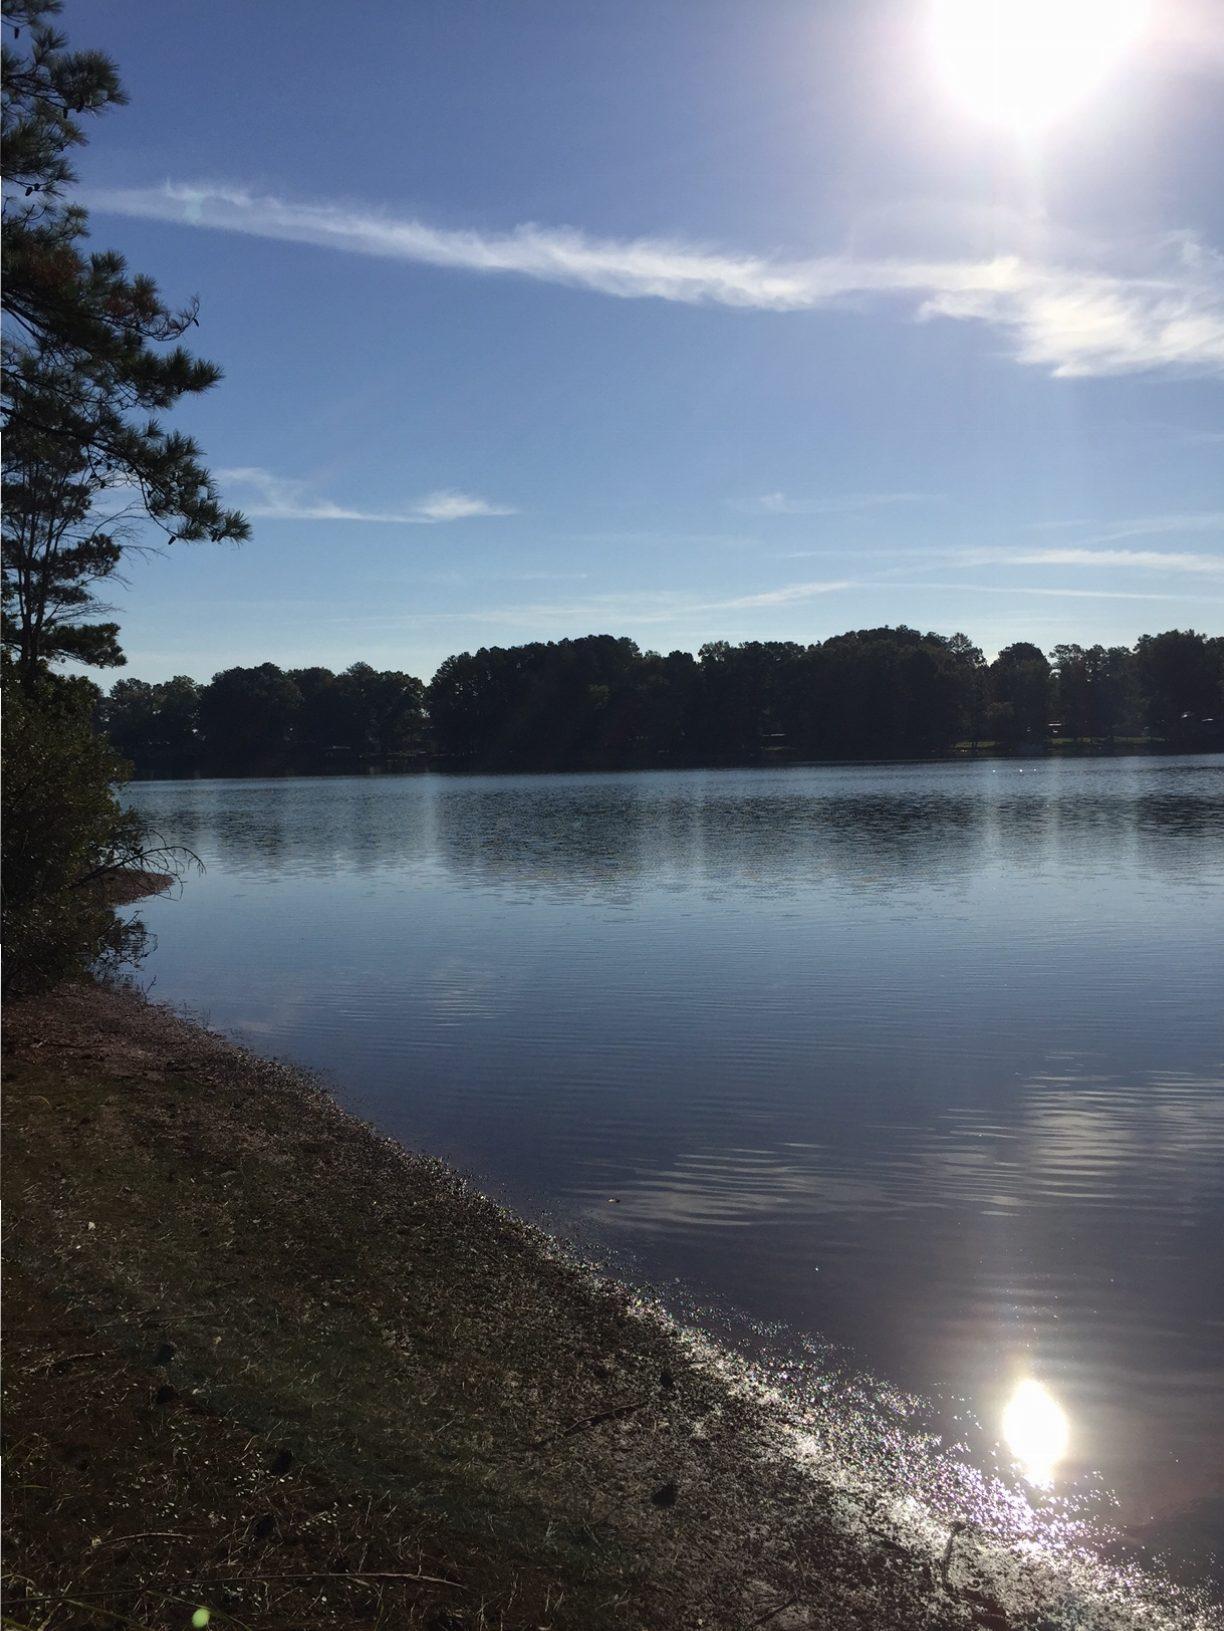 Lake greenwood homes for sale real estate lakefront for Lakefront property under 100k